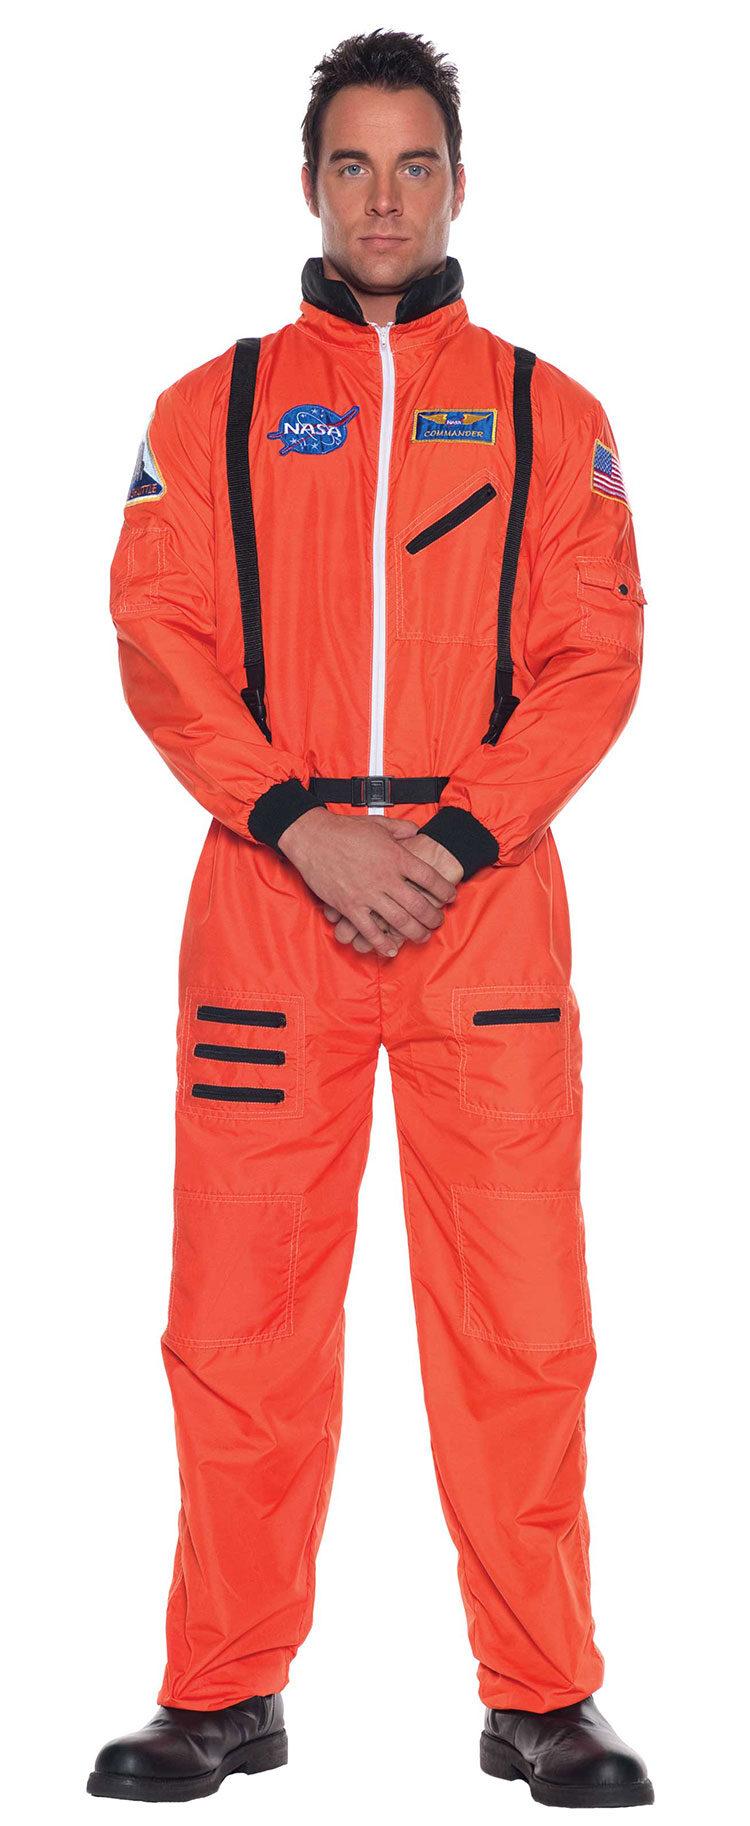 Adult Mens Astronaut Costume - Mr. Costumes